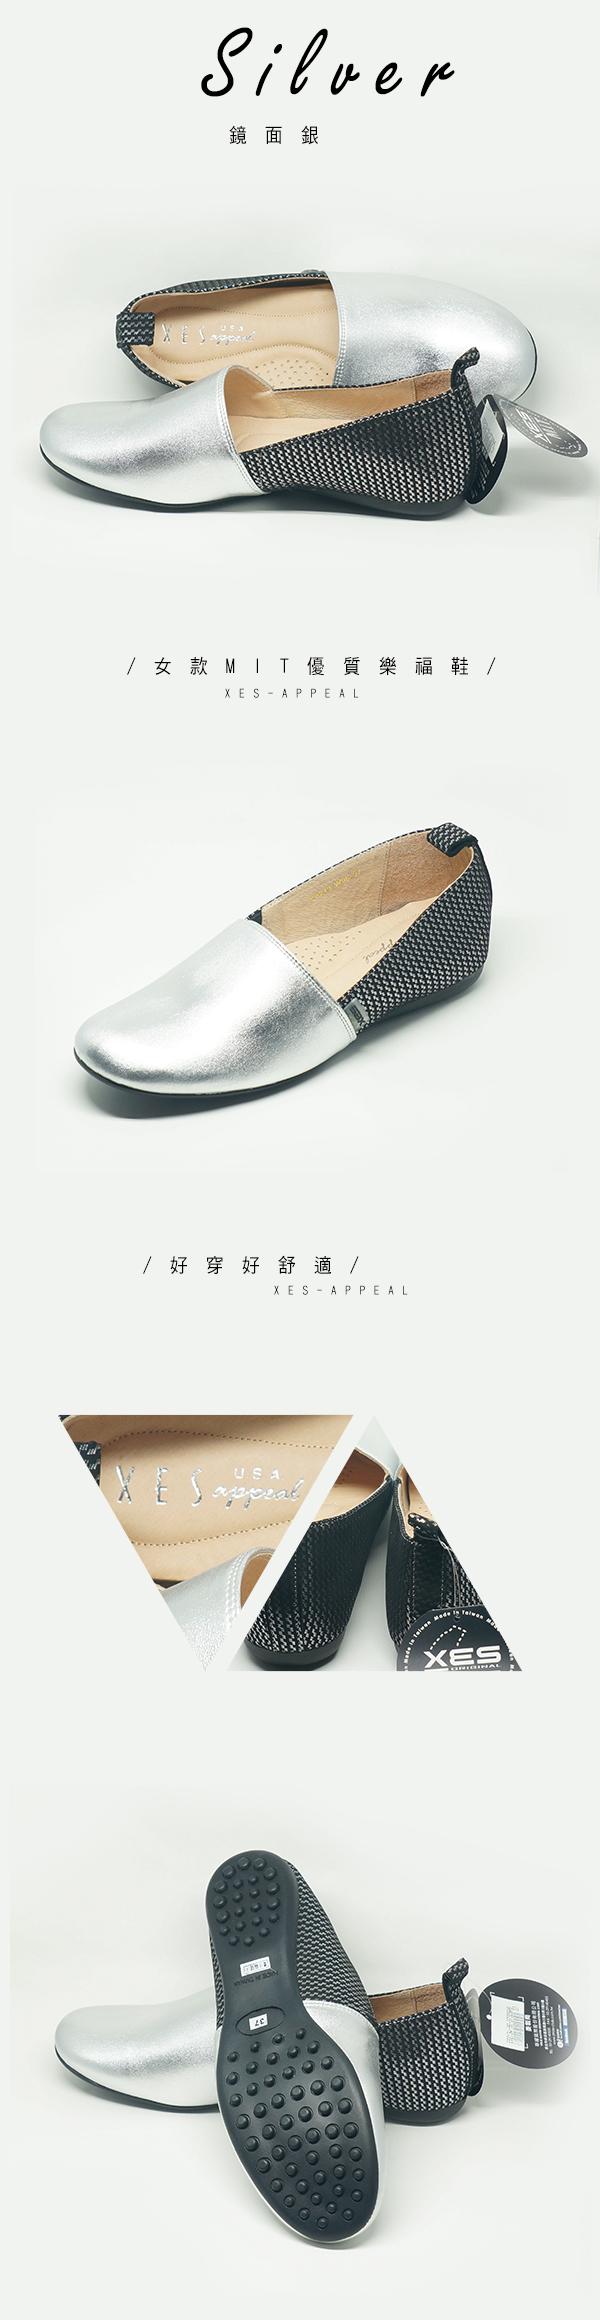 百貨專櫃鞋,高級鞋,懶人鞋,樂福鞋,XES,華趯國際